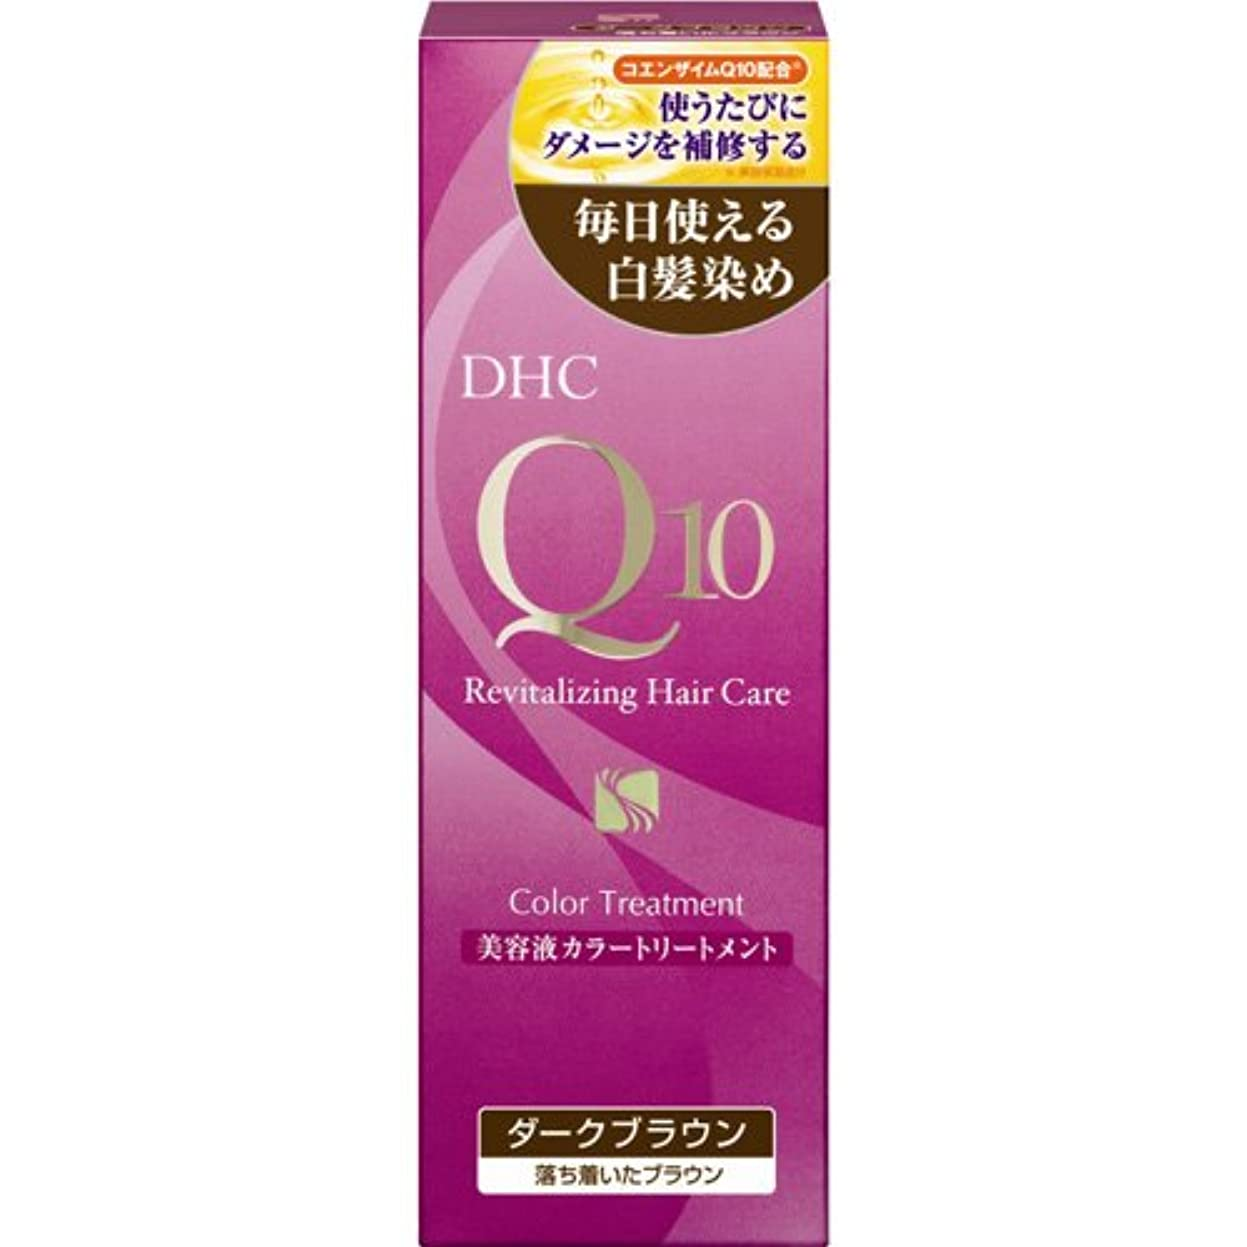 差別的申し込む品揃えDHC Q10美溶液カラートリートメントDブラウンSS170g